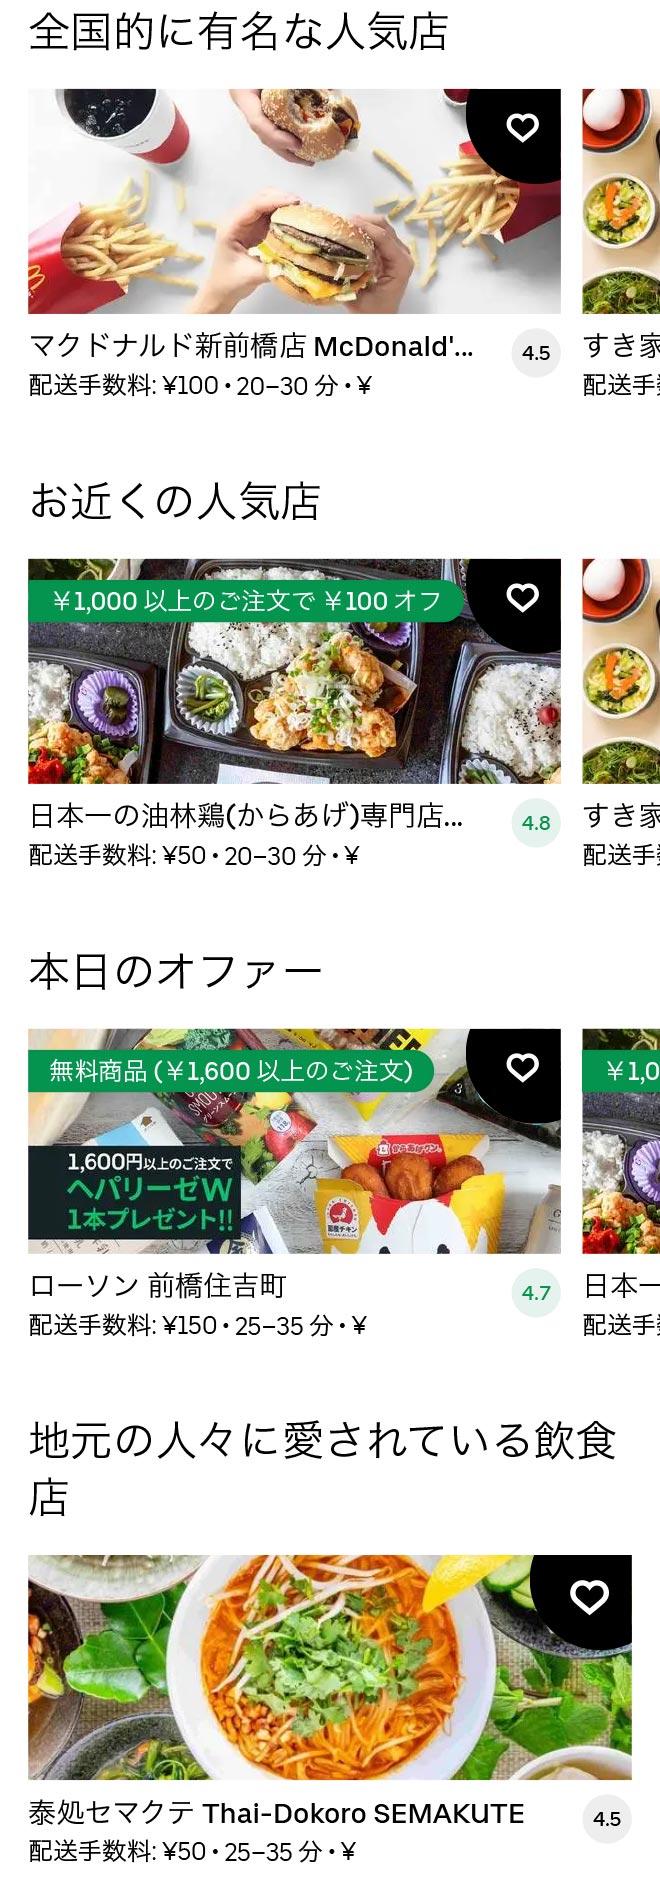 Shin maebashi menu 2012 01